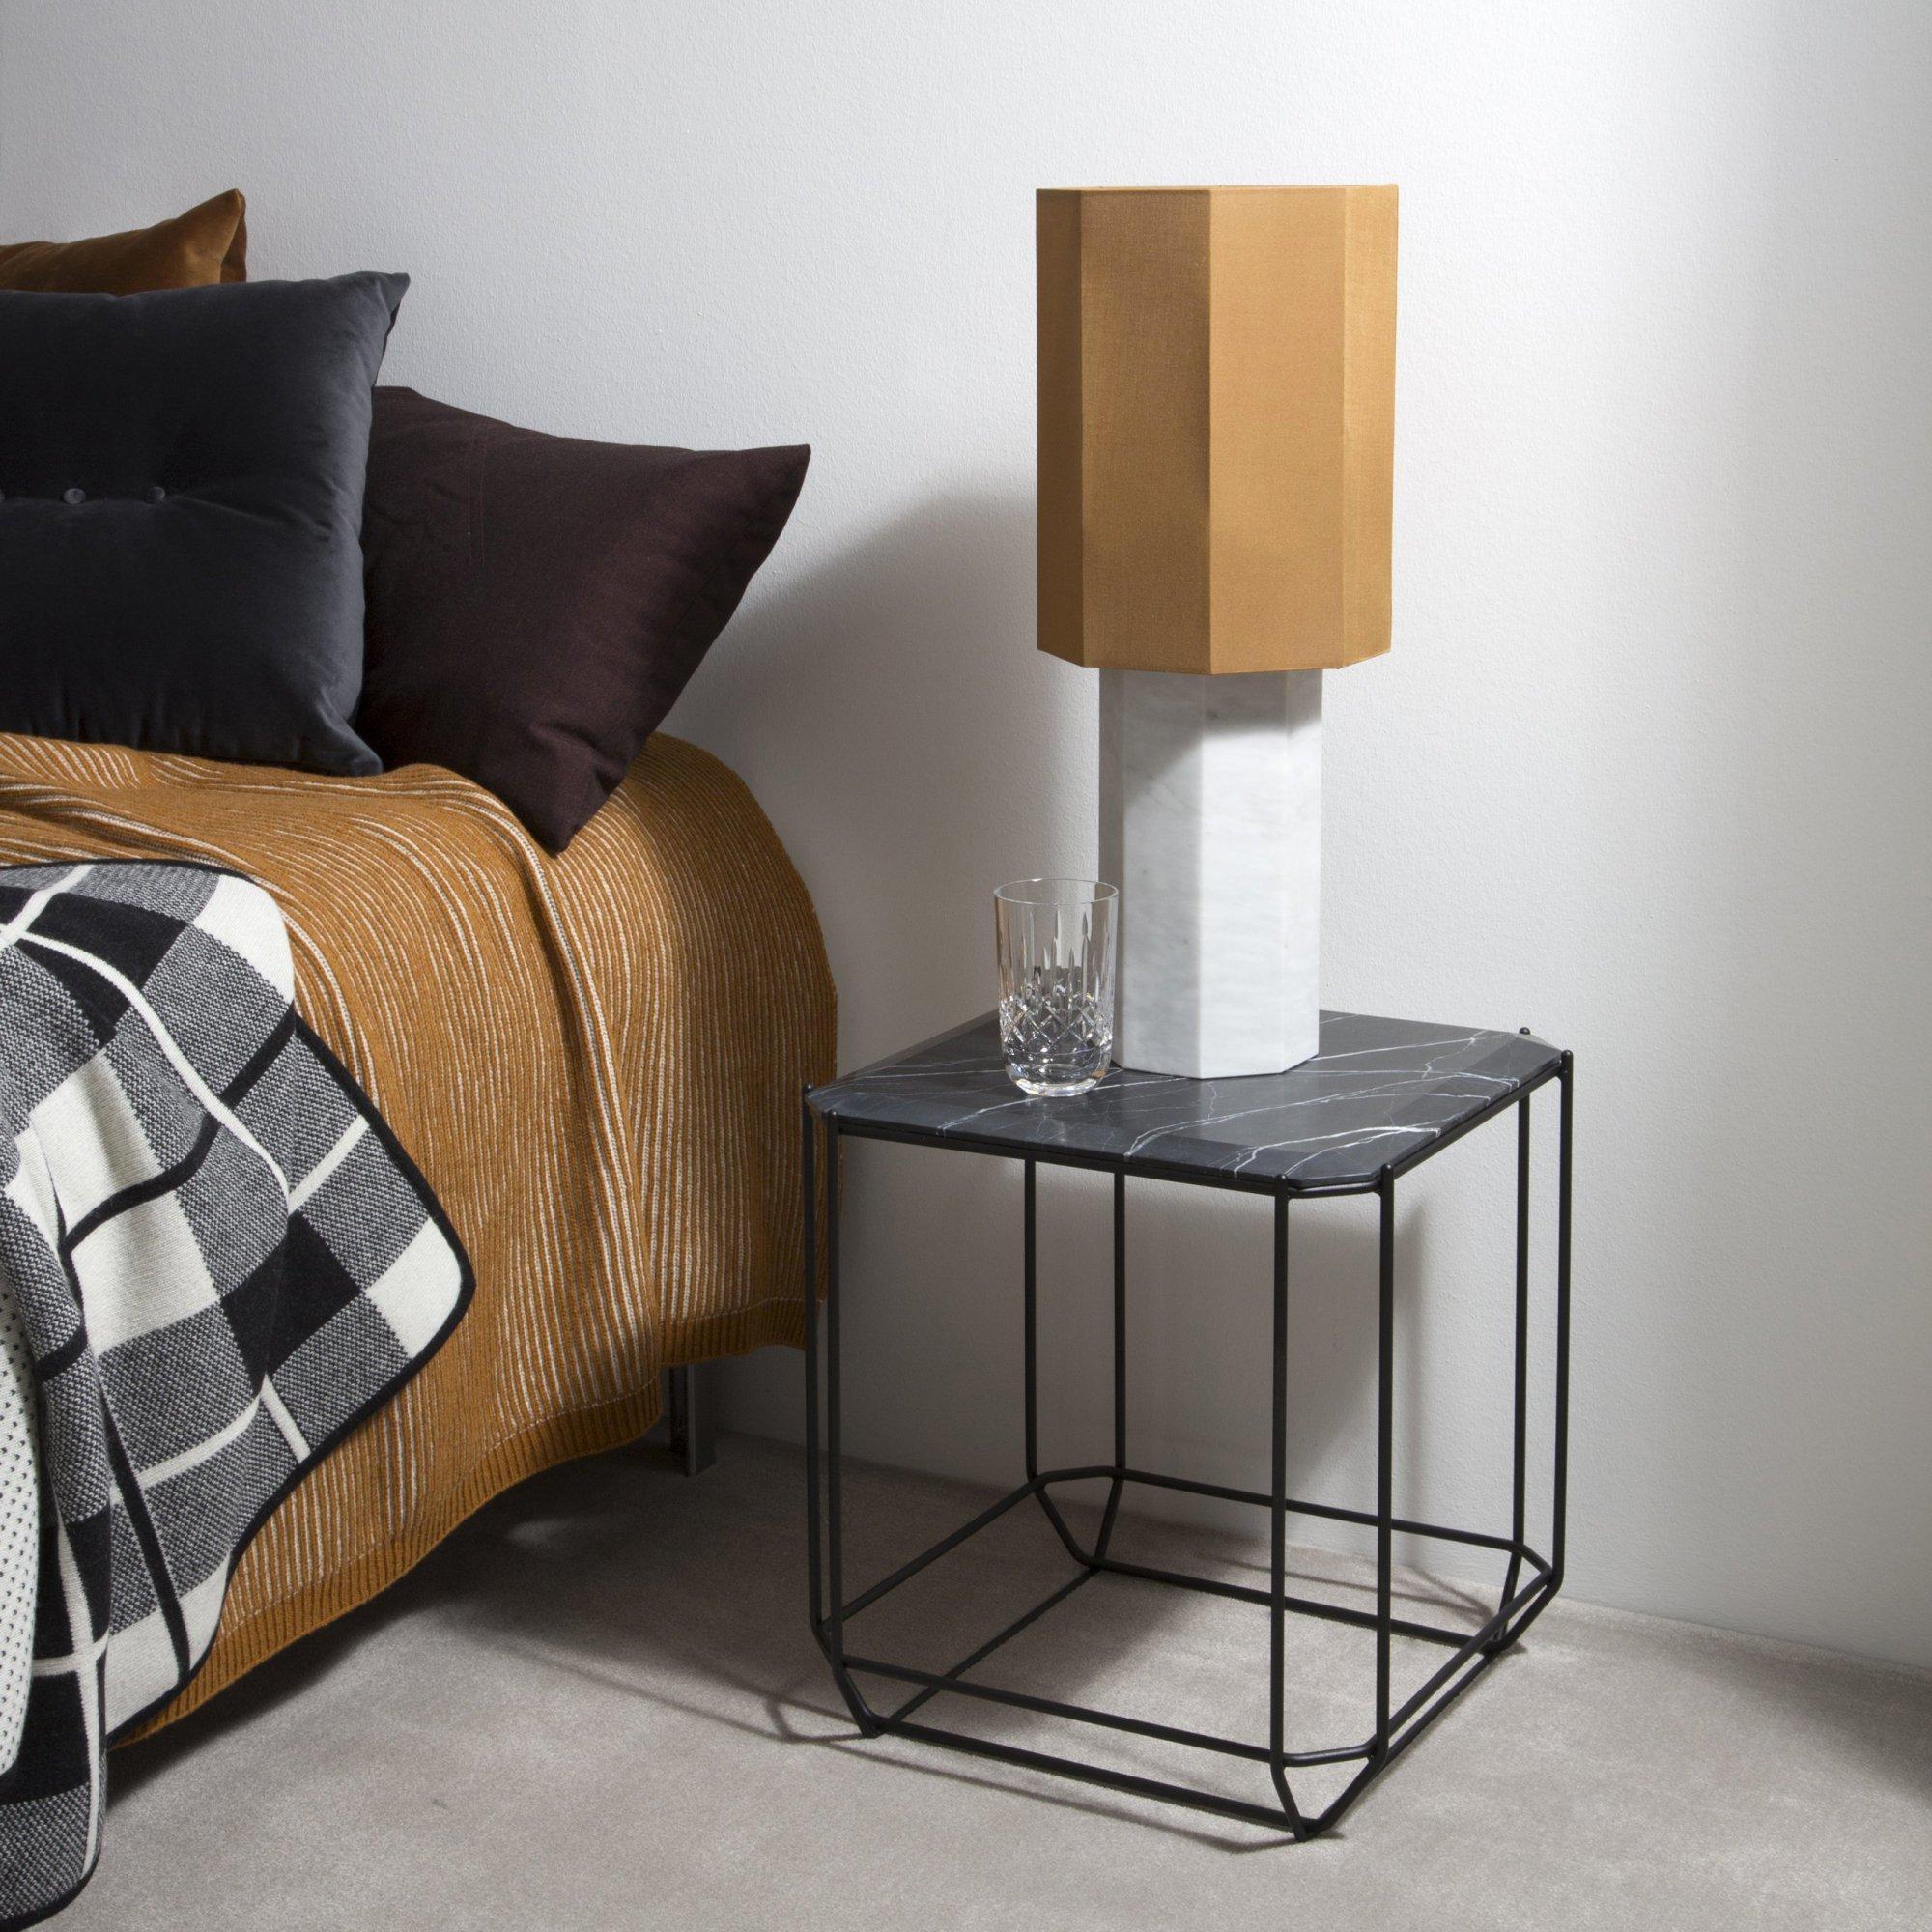 Chambre contemporain orange noir blanc marbre : inspiration style ...